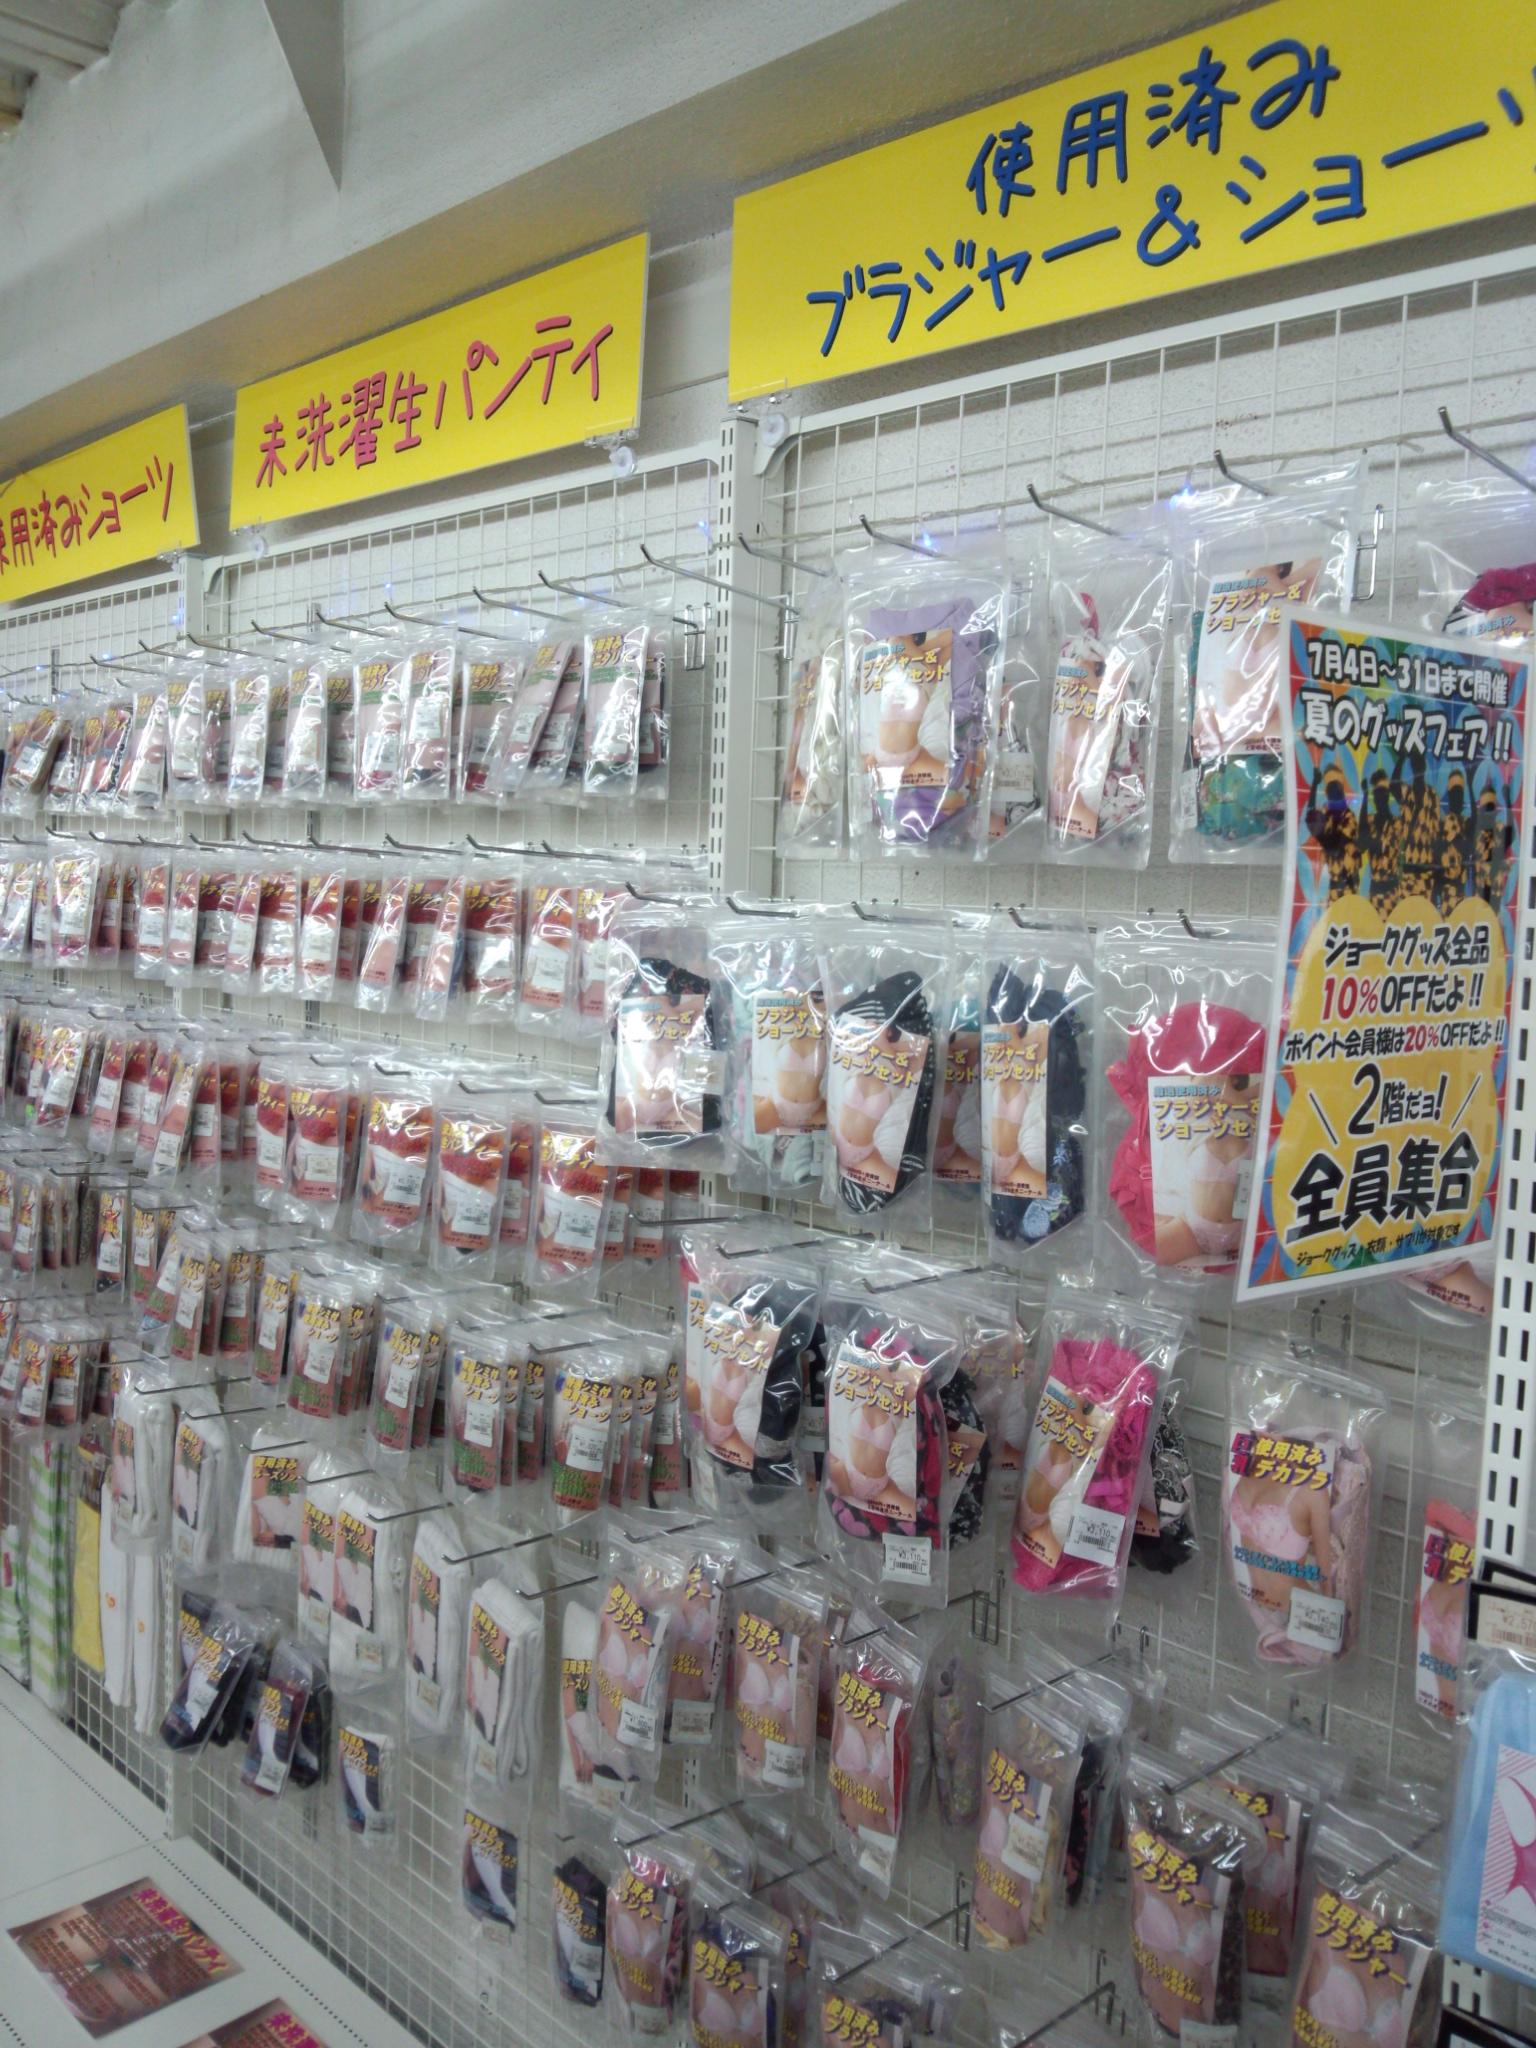 大阪 ブルセラ ブルセラショップ ラブ&レディー:中古制服販売&使用済み下着販売